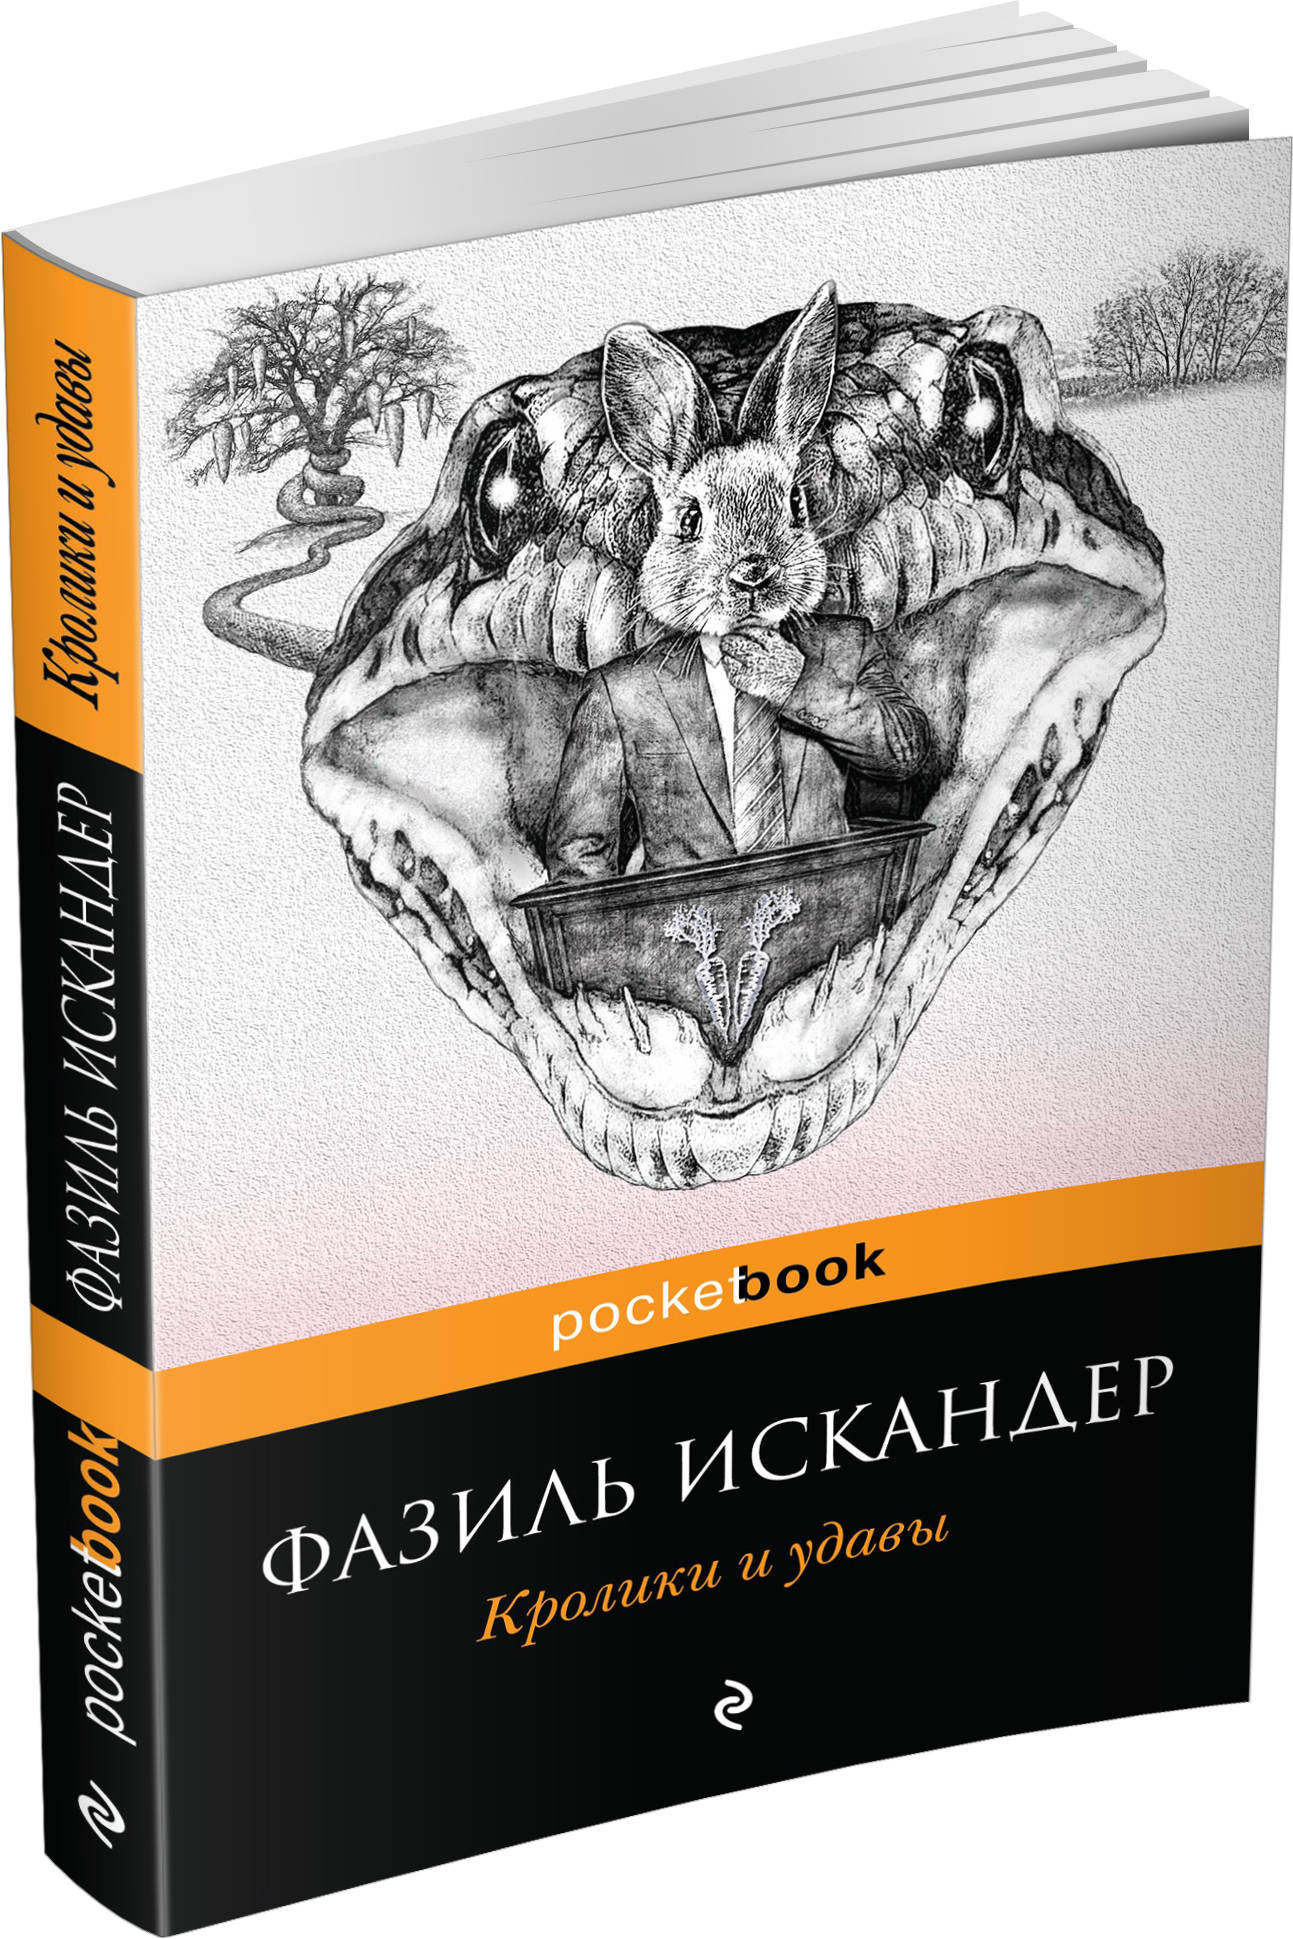 Искандер Ф.А. Кролики и удавы